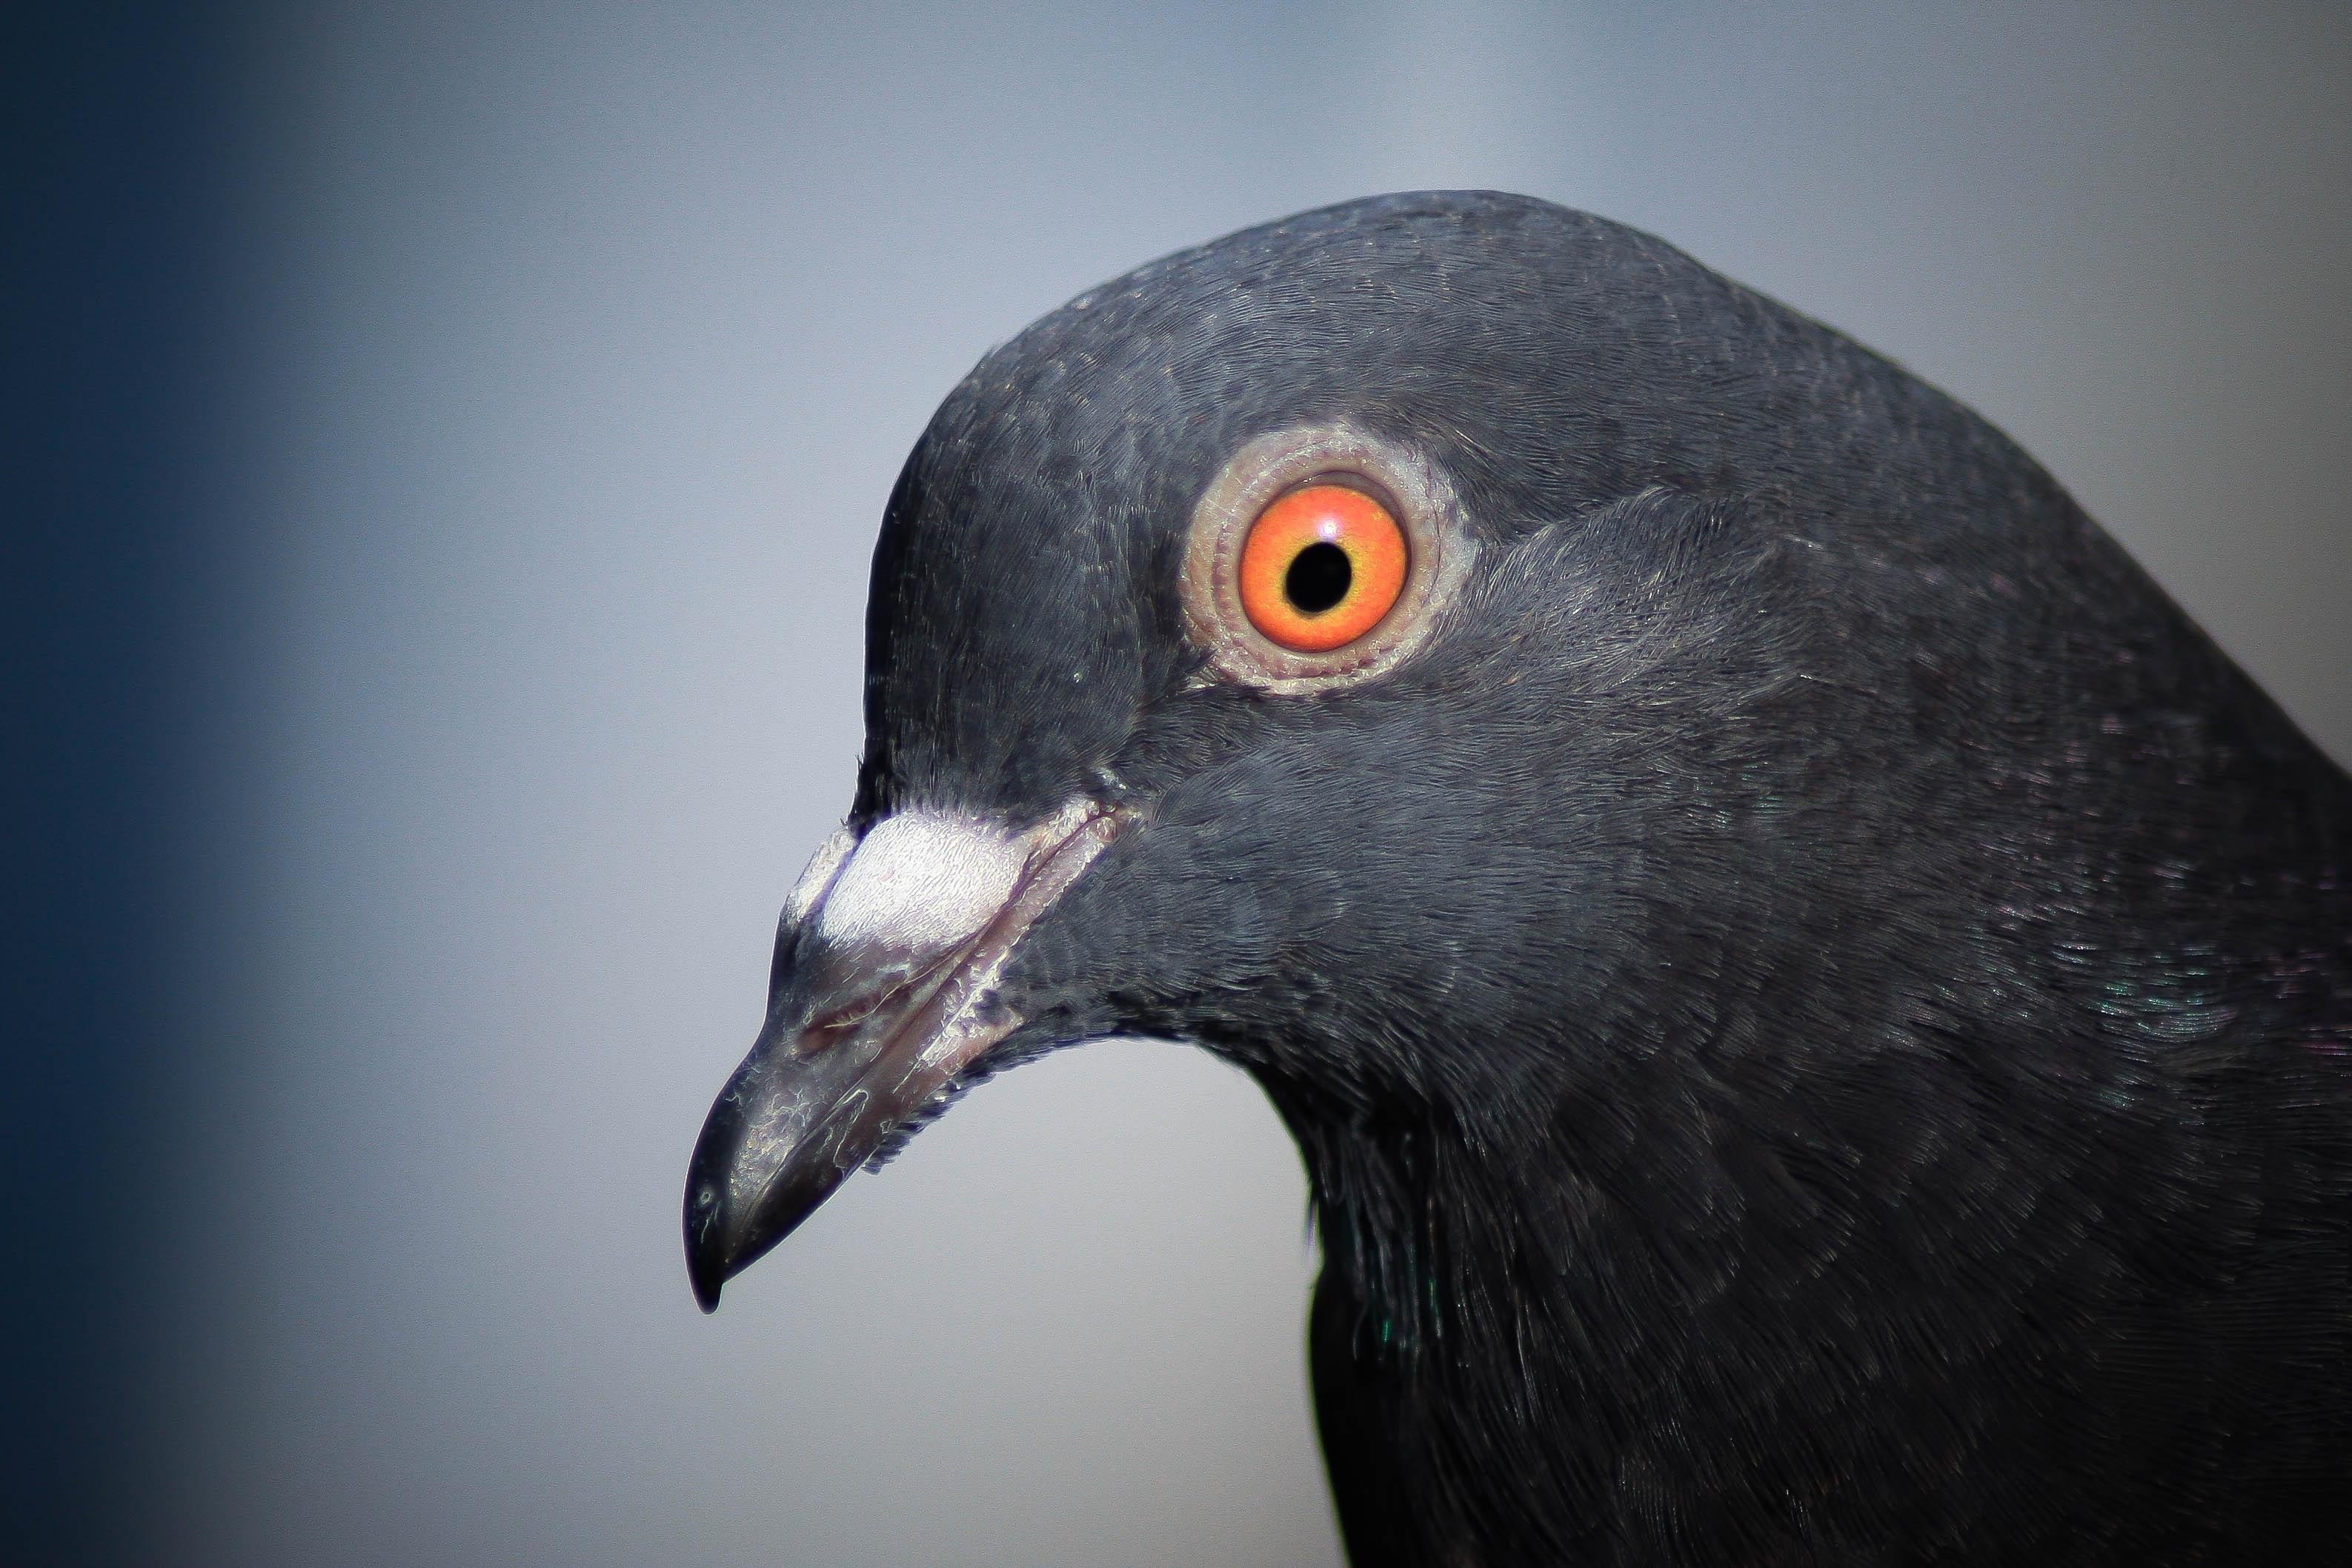 подобных голубь с глазами спереди фото любой час